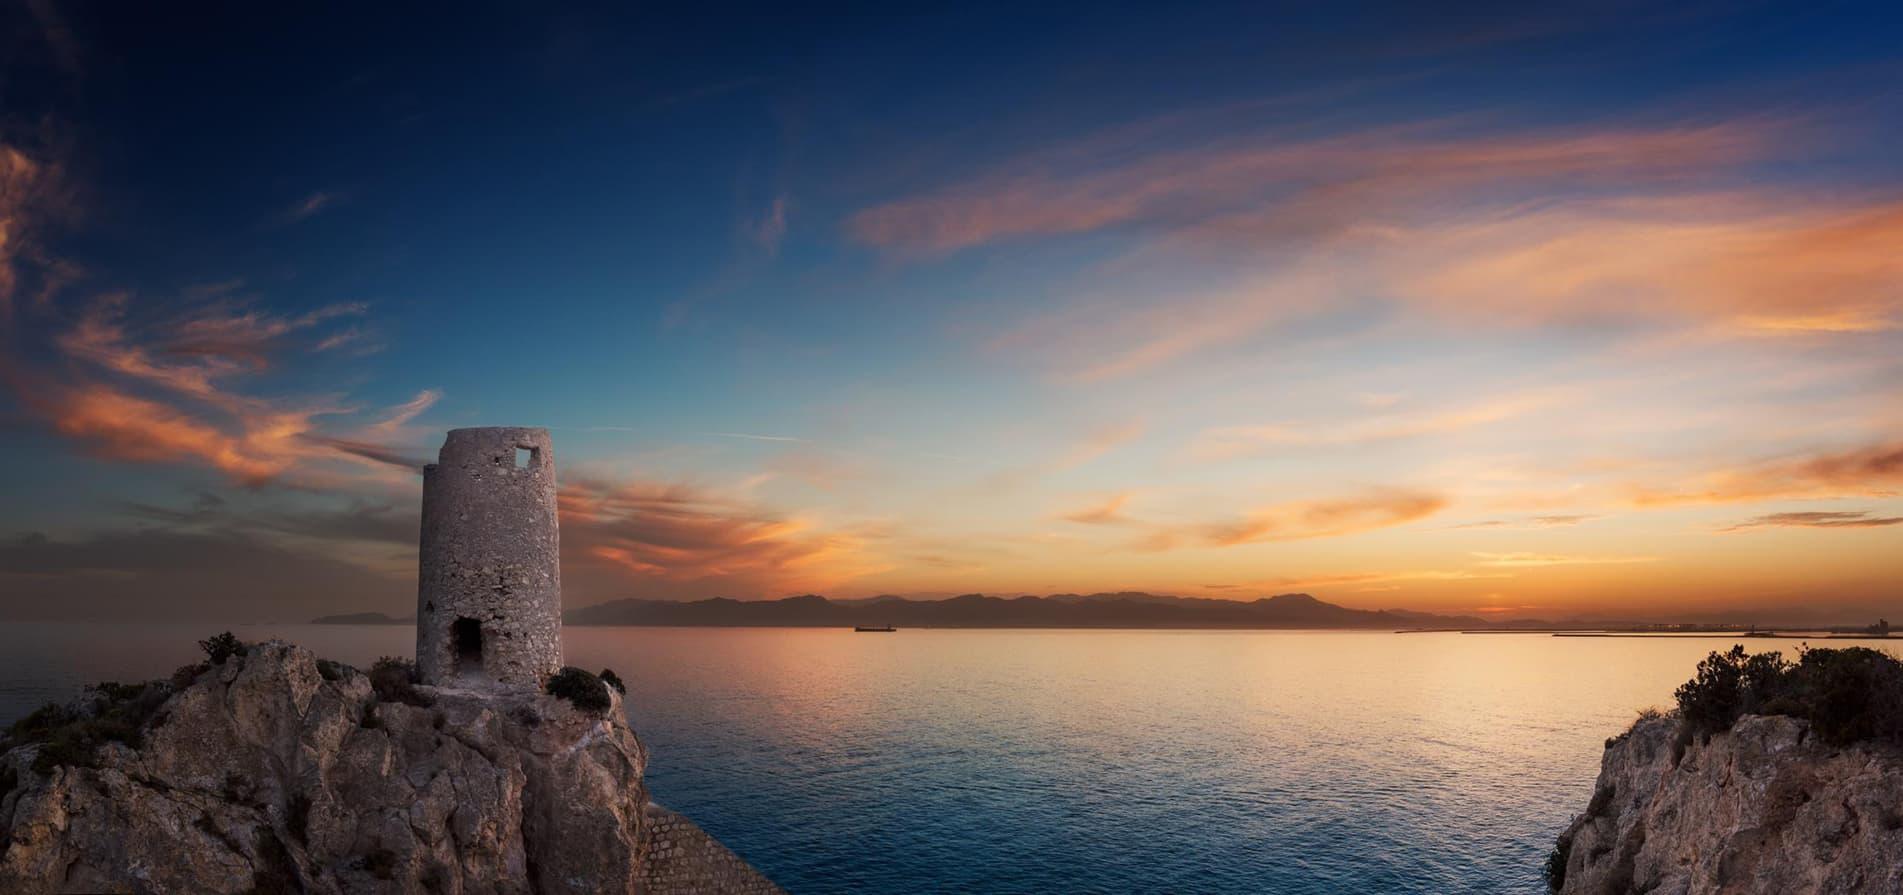 Tramonto sul mare in Sardegna